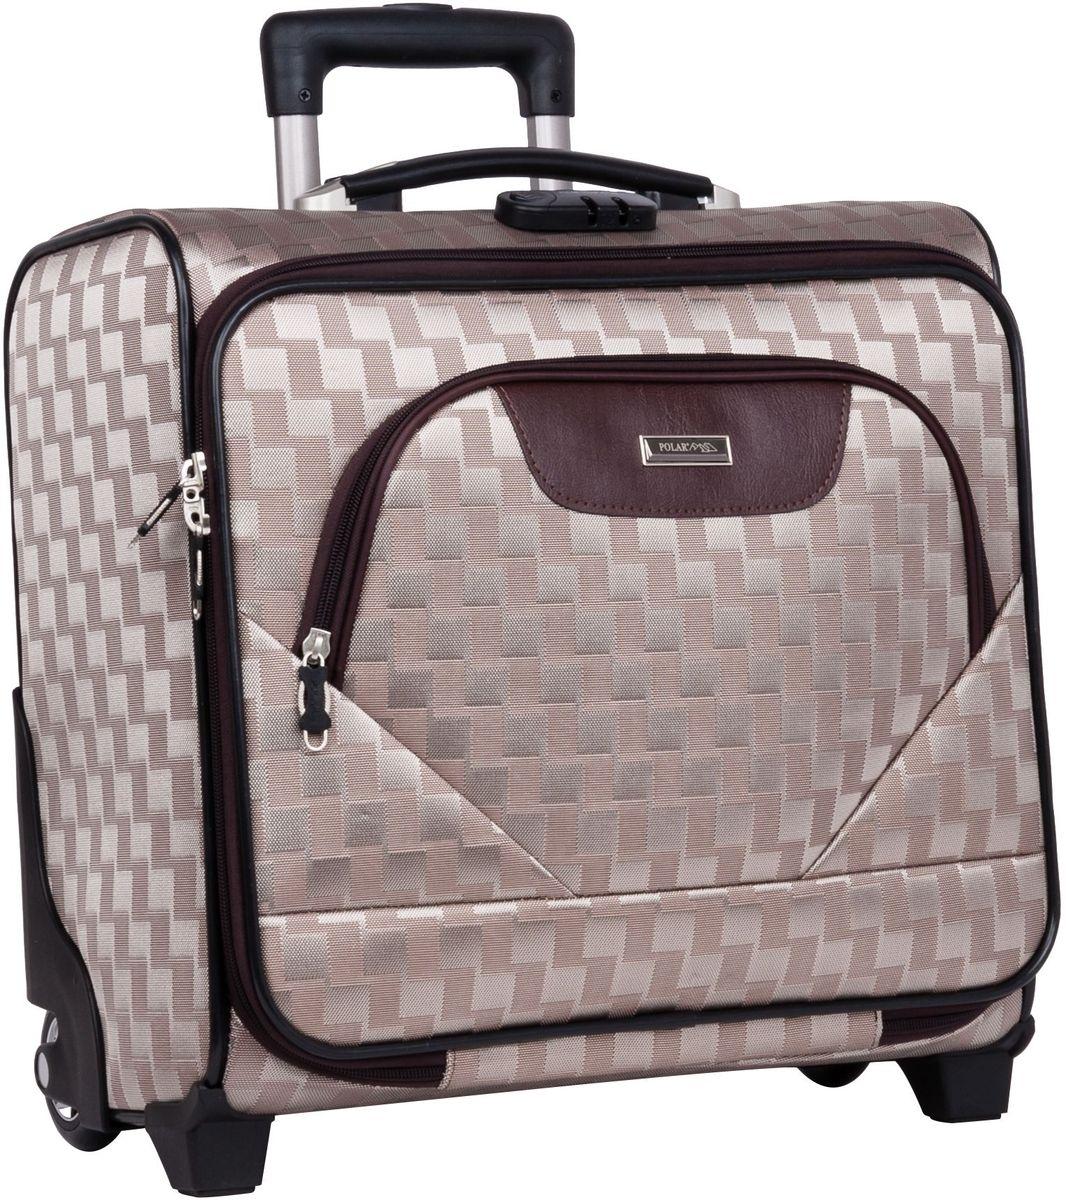 Чемодан-пилот Polar, цвет: золотой, 32,5 л, 40 х 43 х 19 см. П7076332515-2800Новый Модный кейс-Пилот на надежных колесах с подшипниками и прочной выдвижной тележкой подойдет как ручная кладь во все Авиакомпании (в том числе Лоукостеры) и поездку в командировку. Наши чемоданы отлично подходят для перевозки хрупких вещей. Пластик отлично защищает внутреннее содержание от любых внешних воздействий. Выдвижная металлическая ручка, выдвигается на 62 см. Внутренняя тележка. Внутри: фиксаторы зажимы для Ваших вещей. Также предусмотрен кодовый замок. Эта универсальная модель идеально подойдет для краткосрочных командировок и позволит вам взять с собой, помимо ноутбука, еще и все самые необходимые для Вас вещи